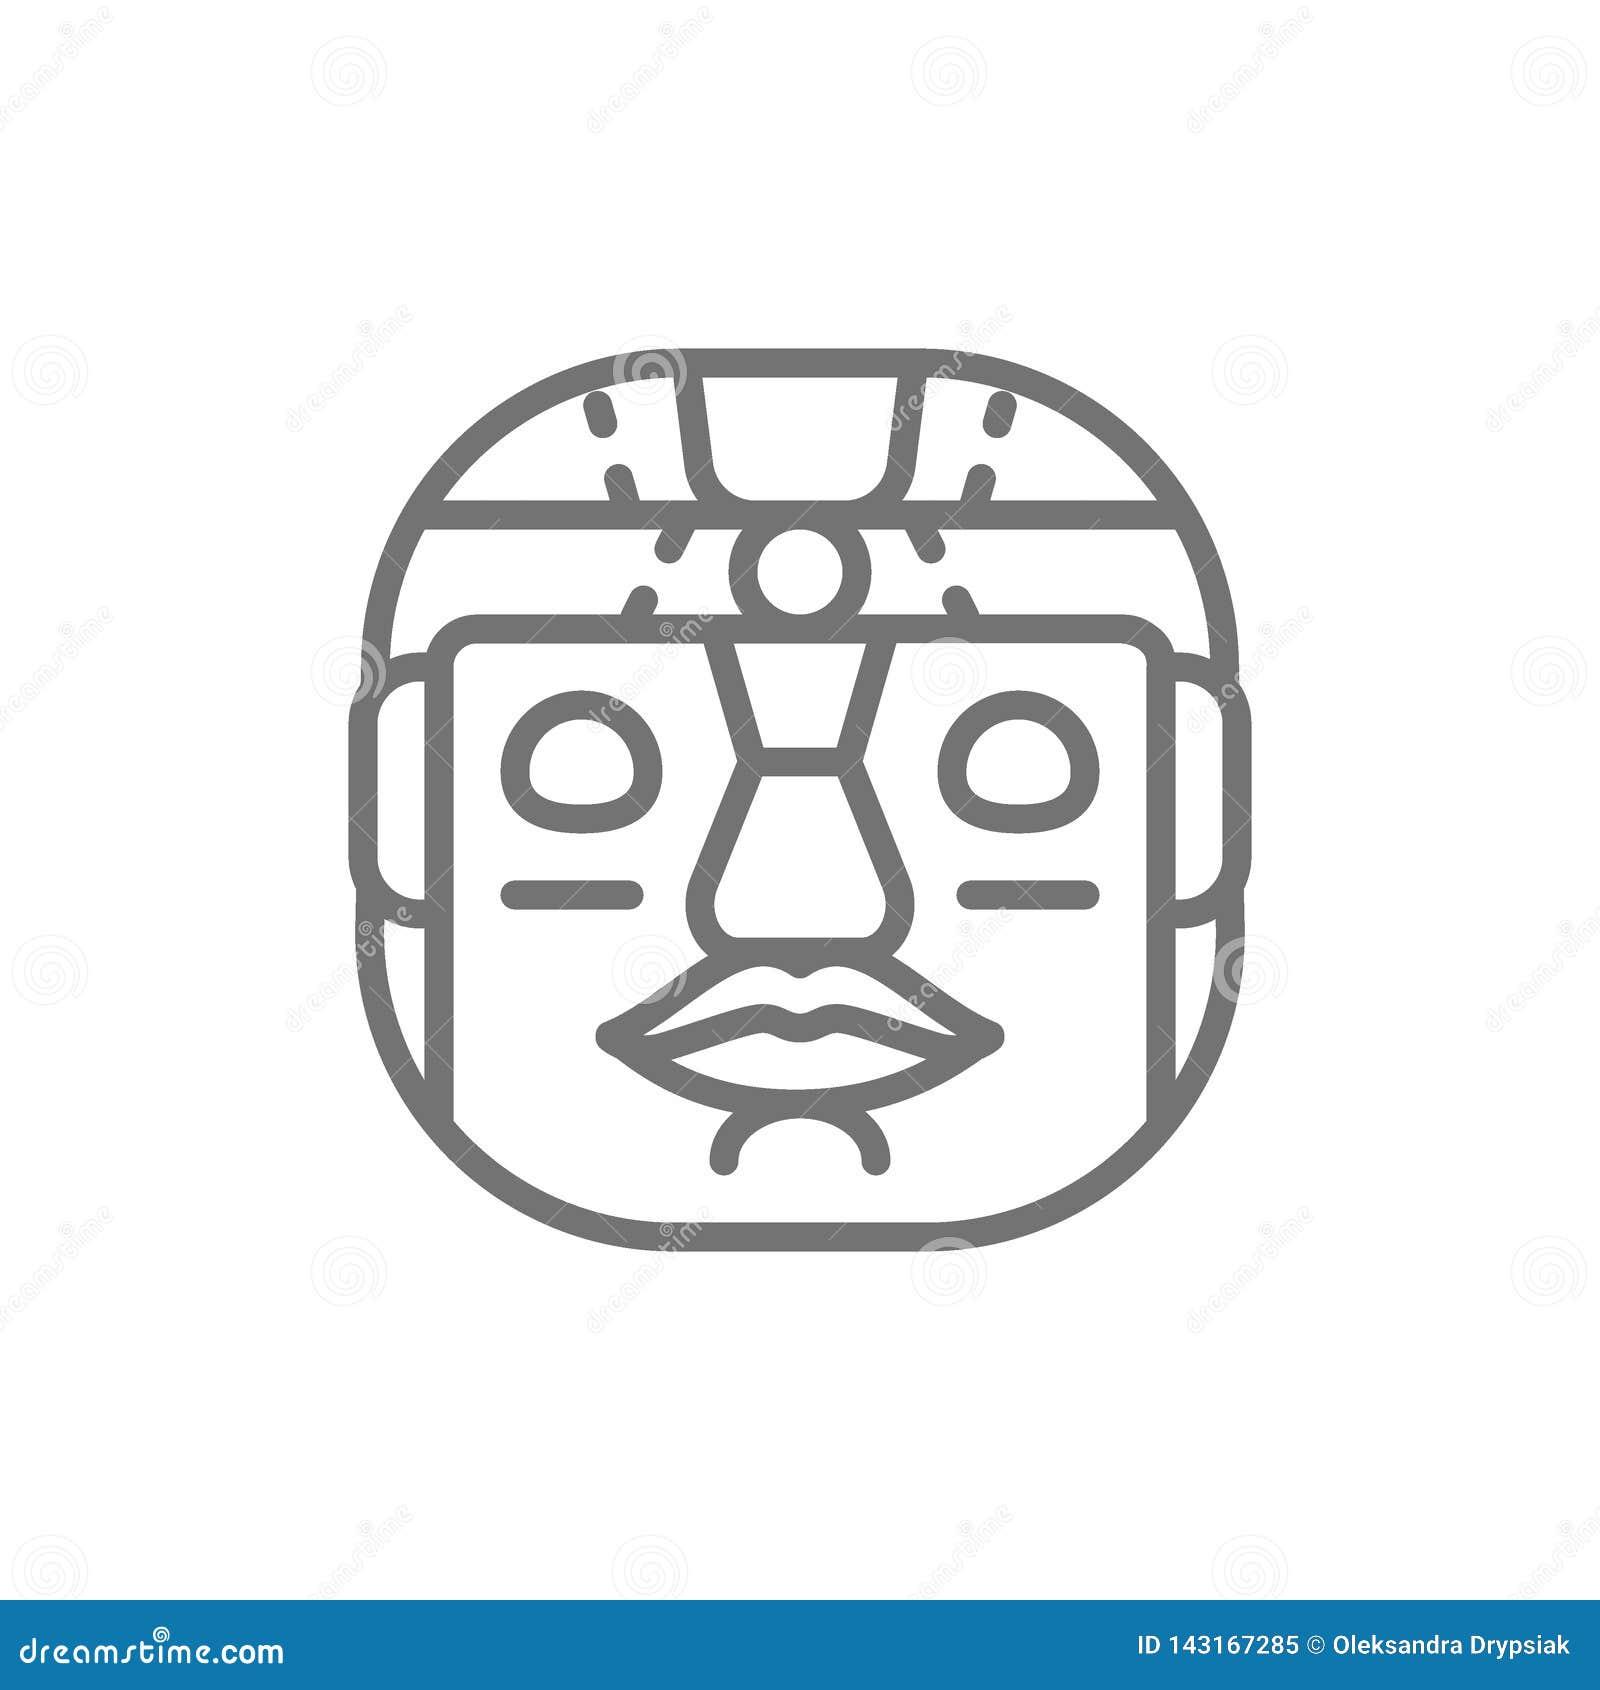 Etniczna plemienna maska, majska, aztec kreskowa ikona